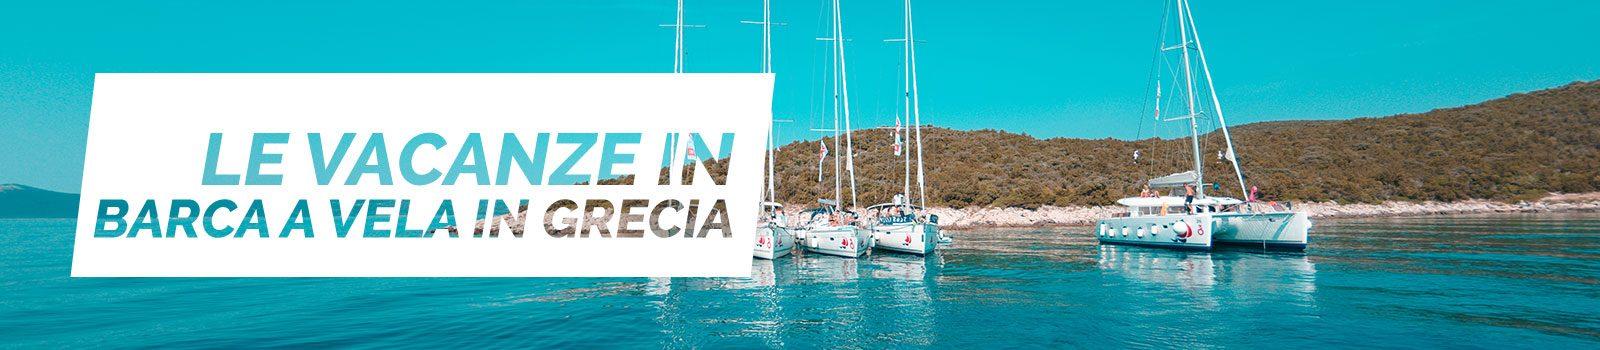 b4-barca-vela-fun-vacanze-grecia